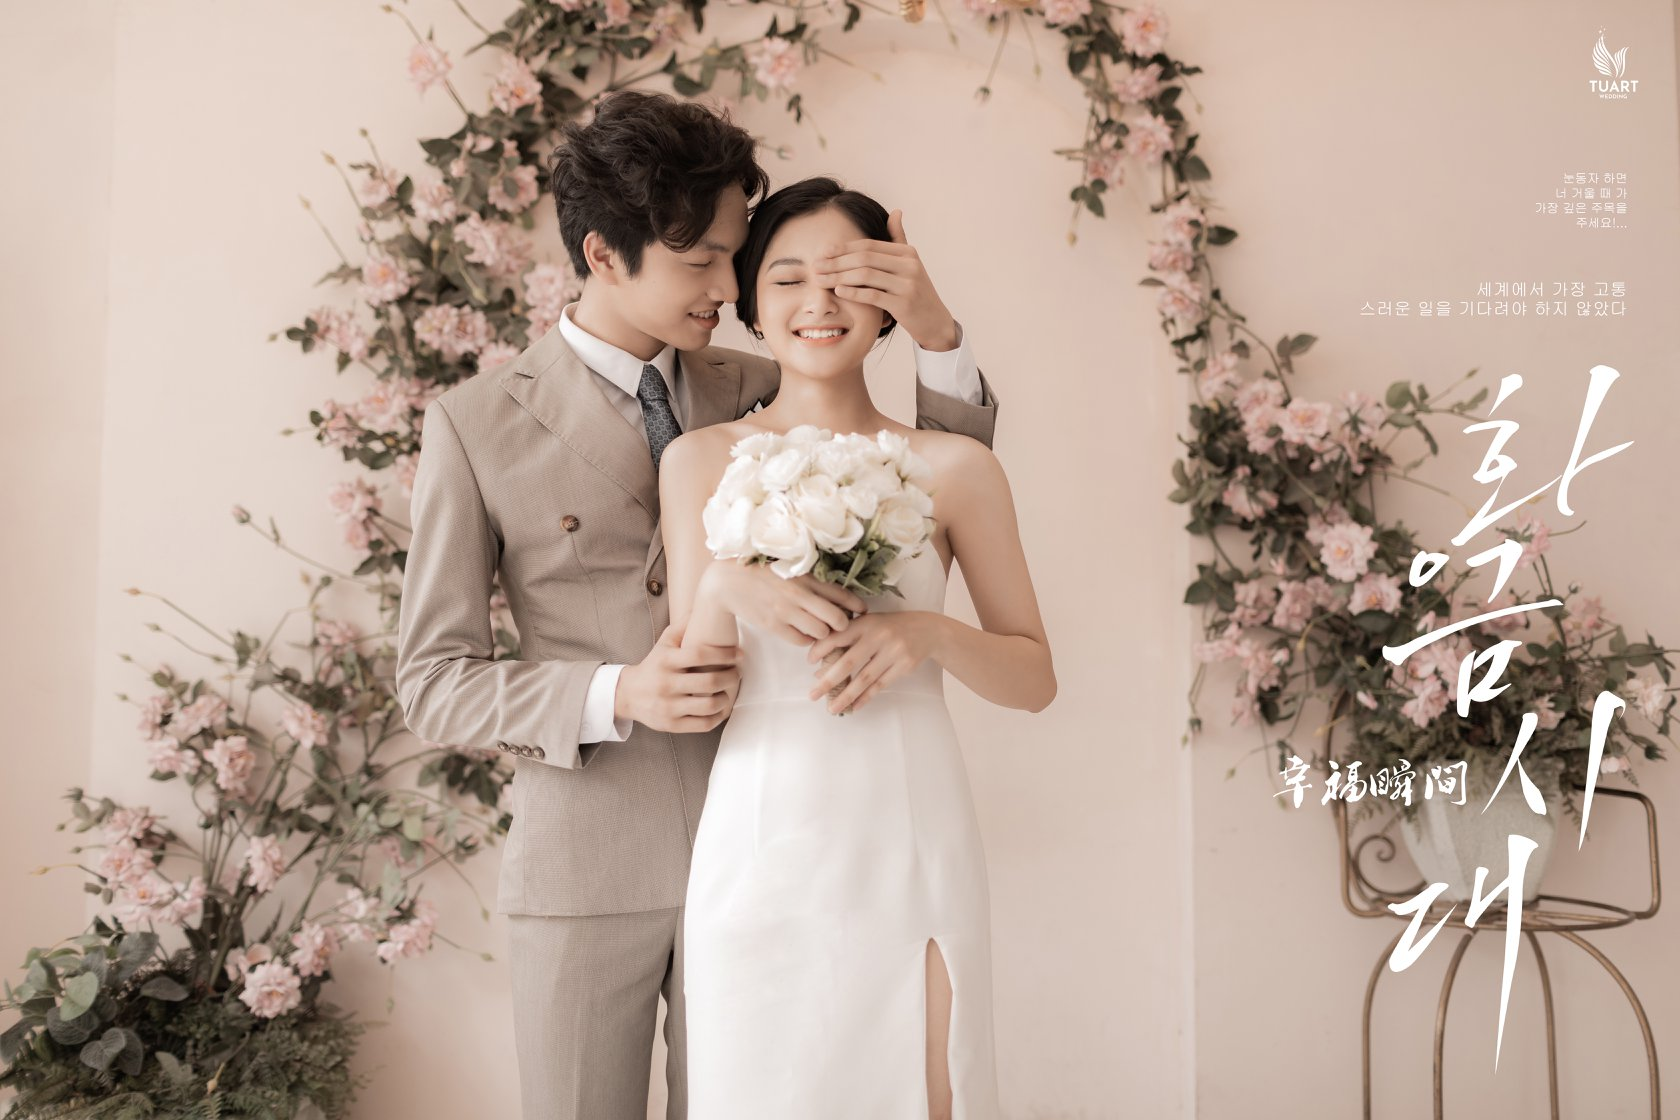 ý tưởng chụp ảnh cưới (01)